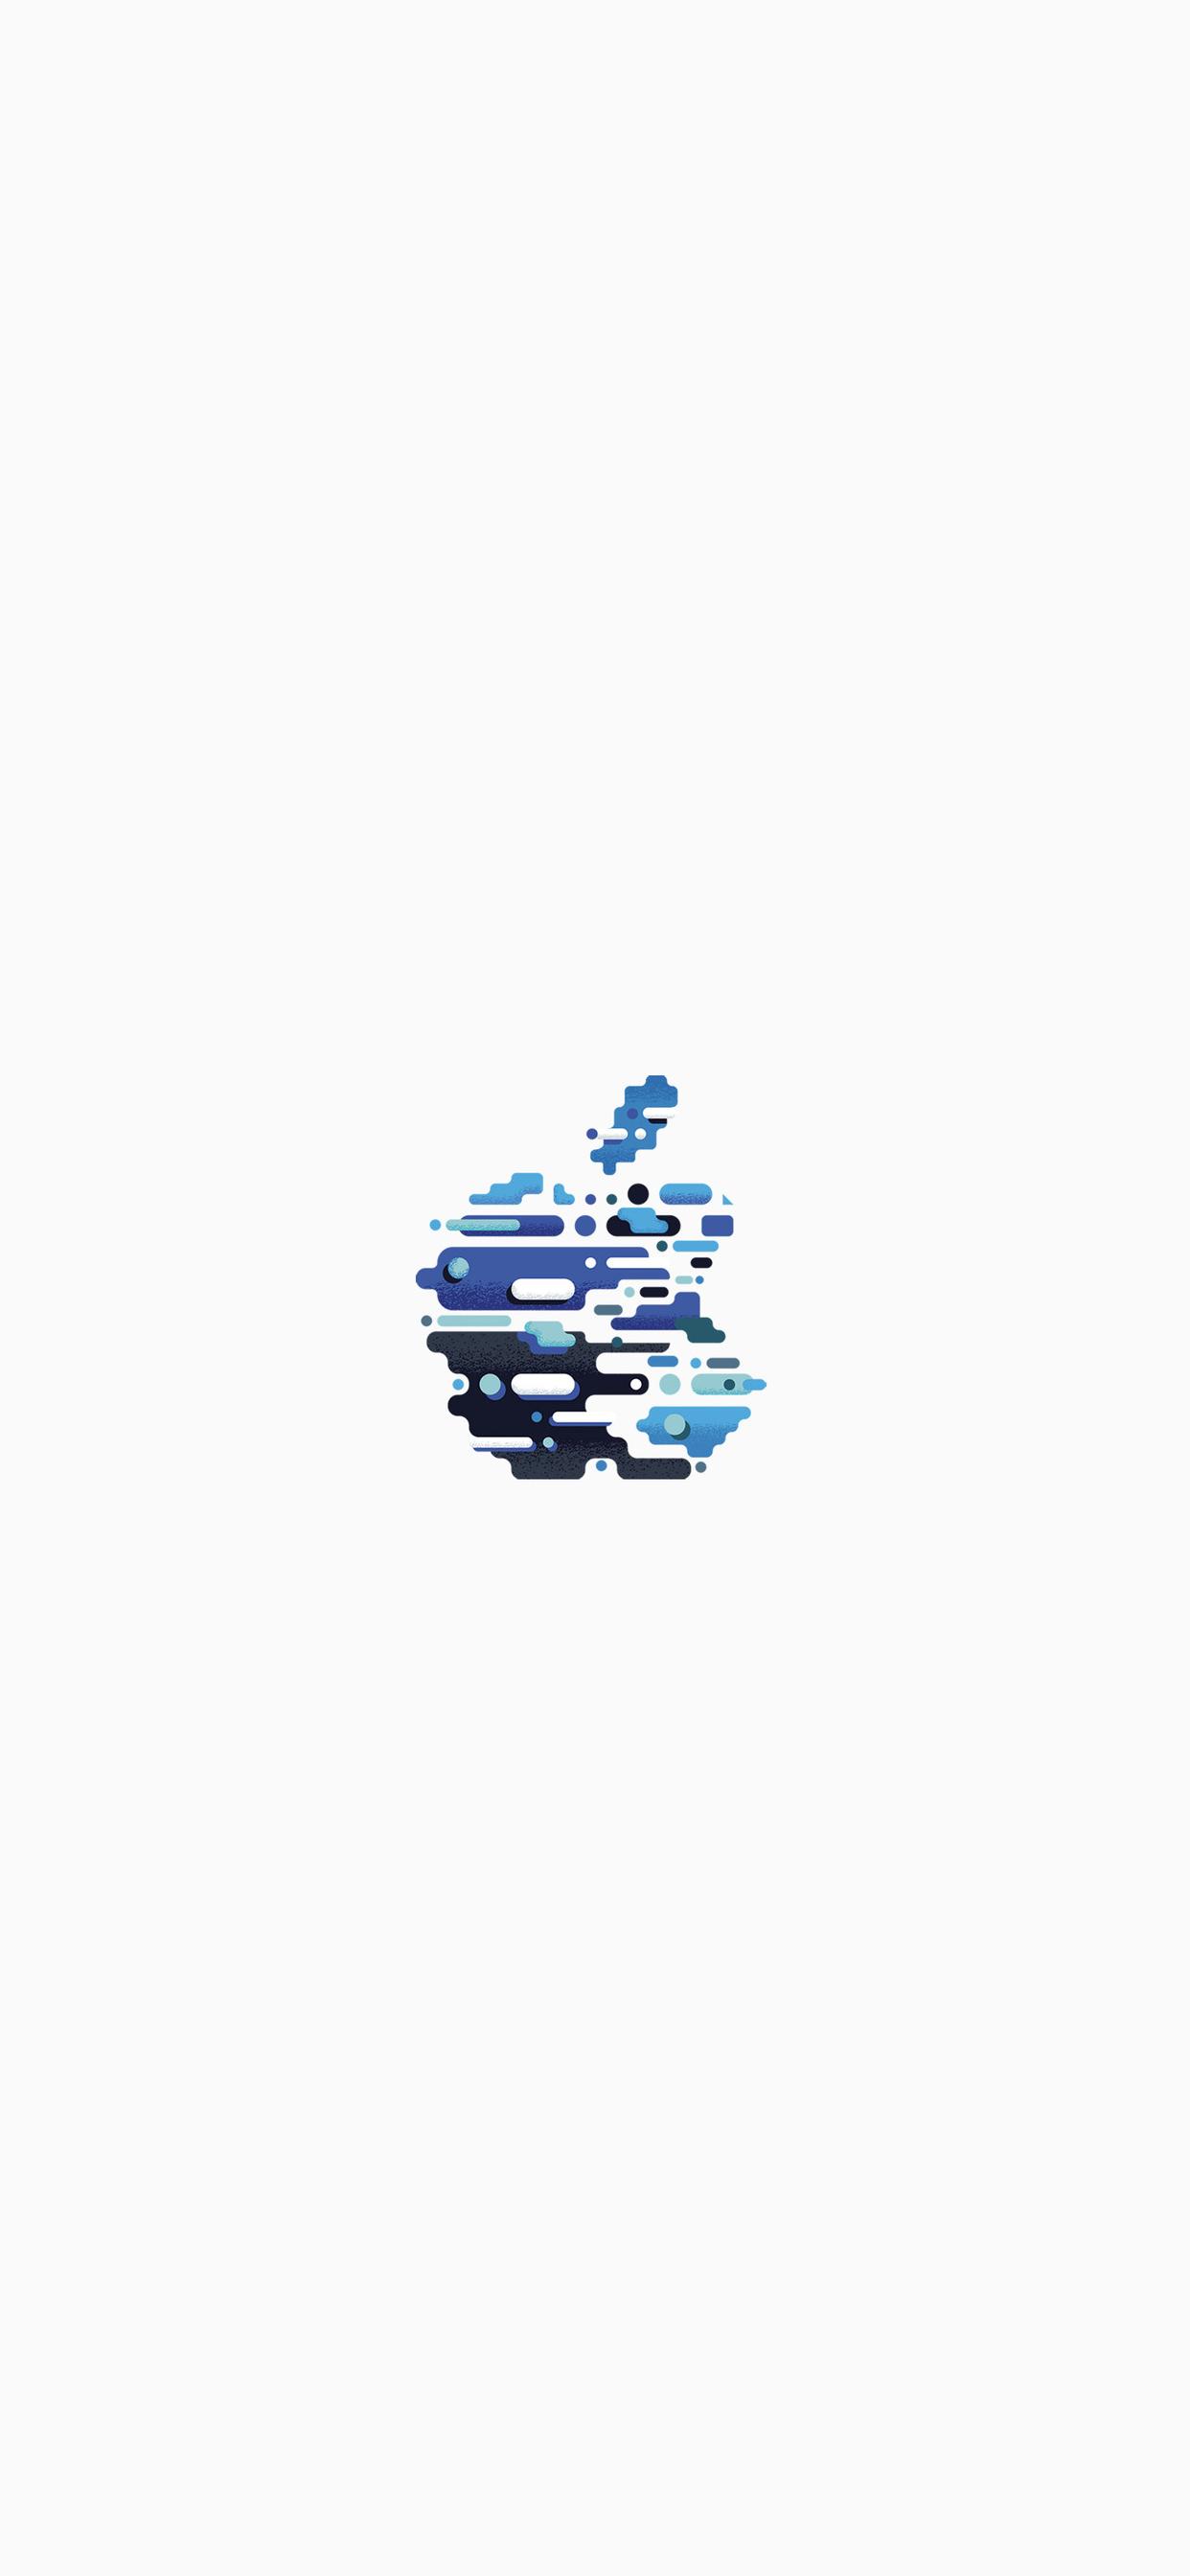 6 Fonds d'écran avec le logo Apple pour iPhone